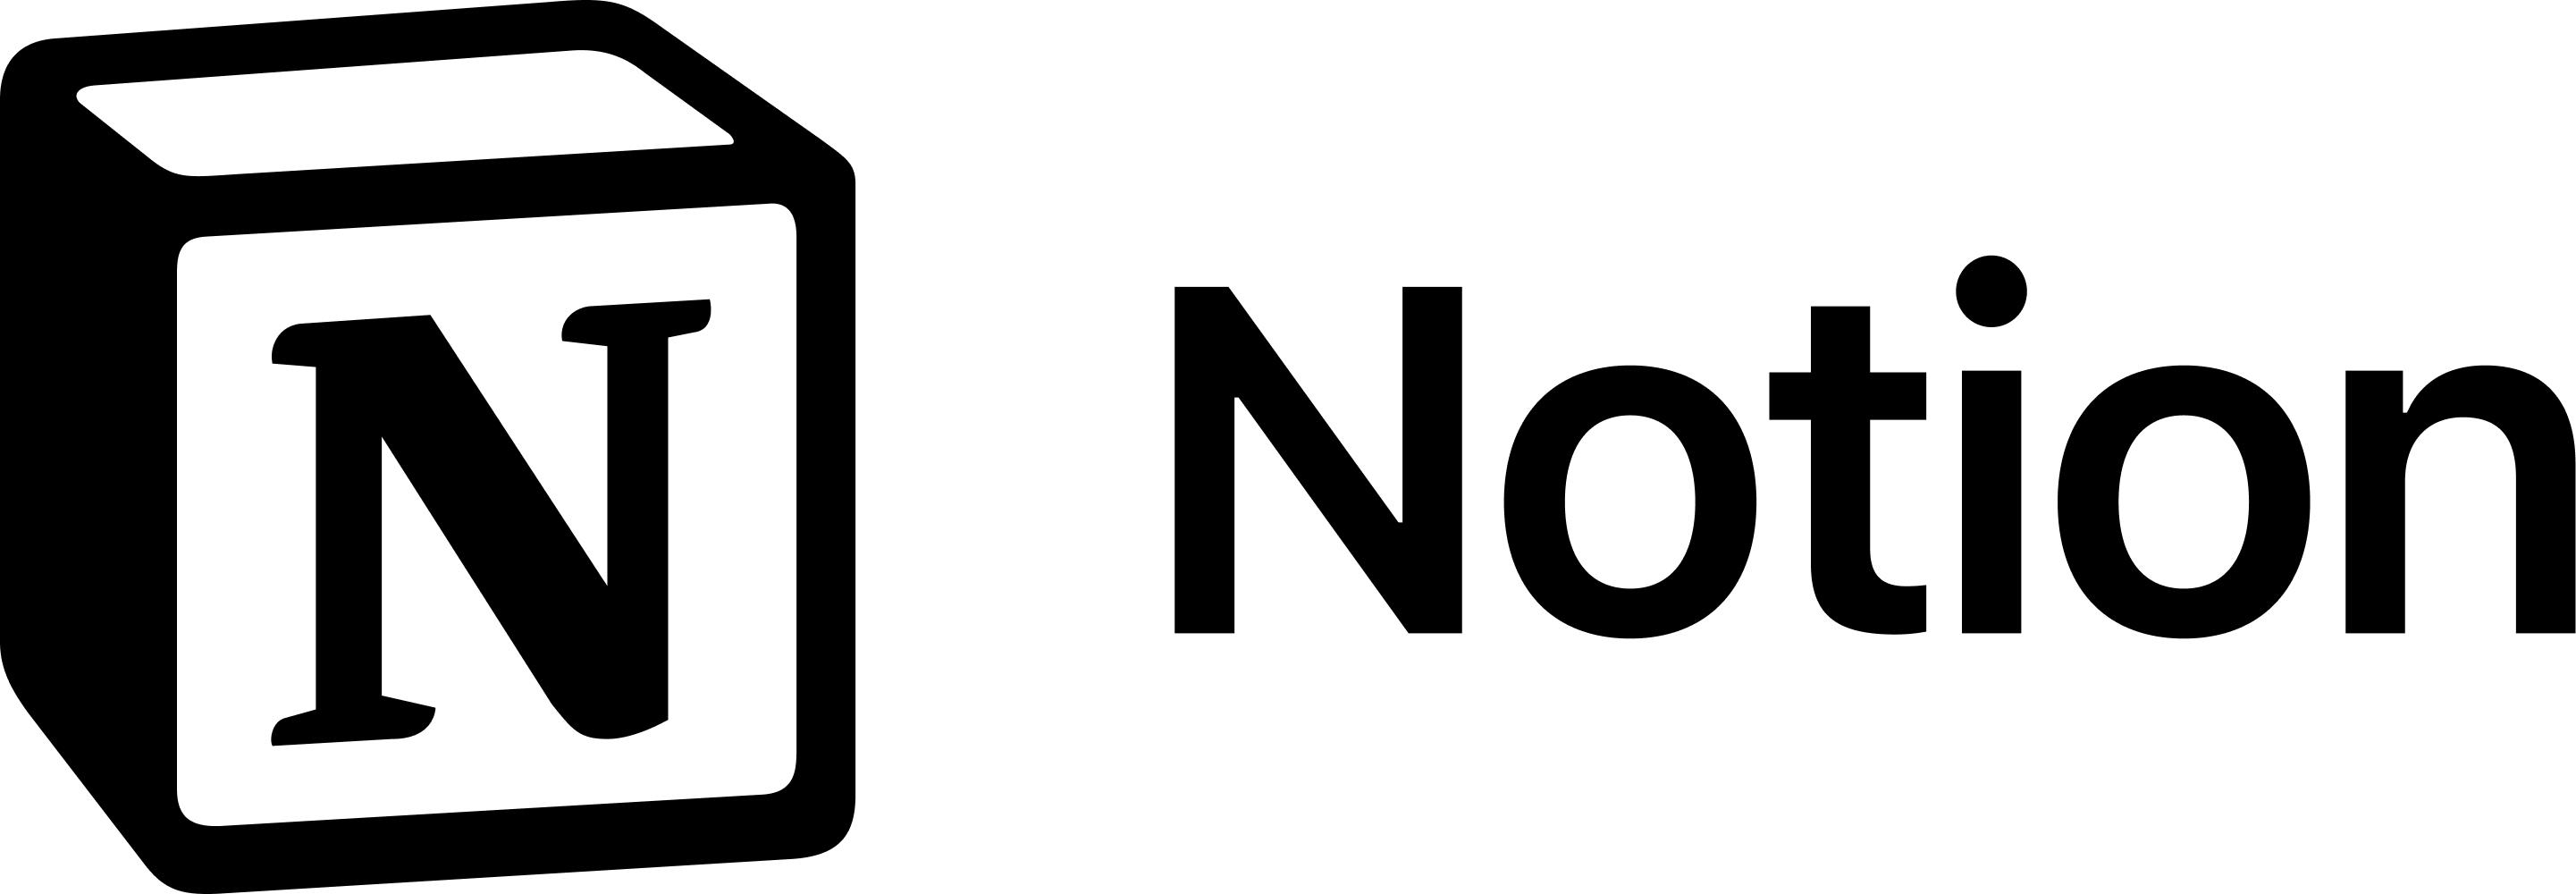 notion-wordmark.jpg